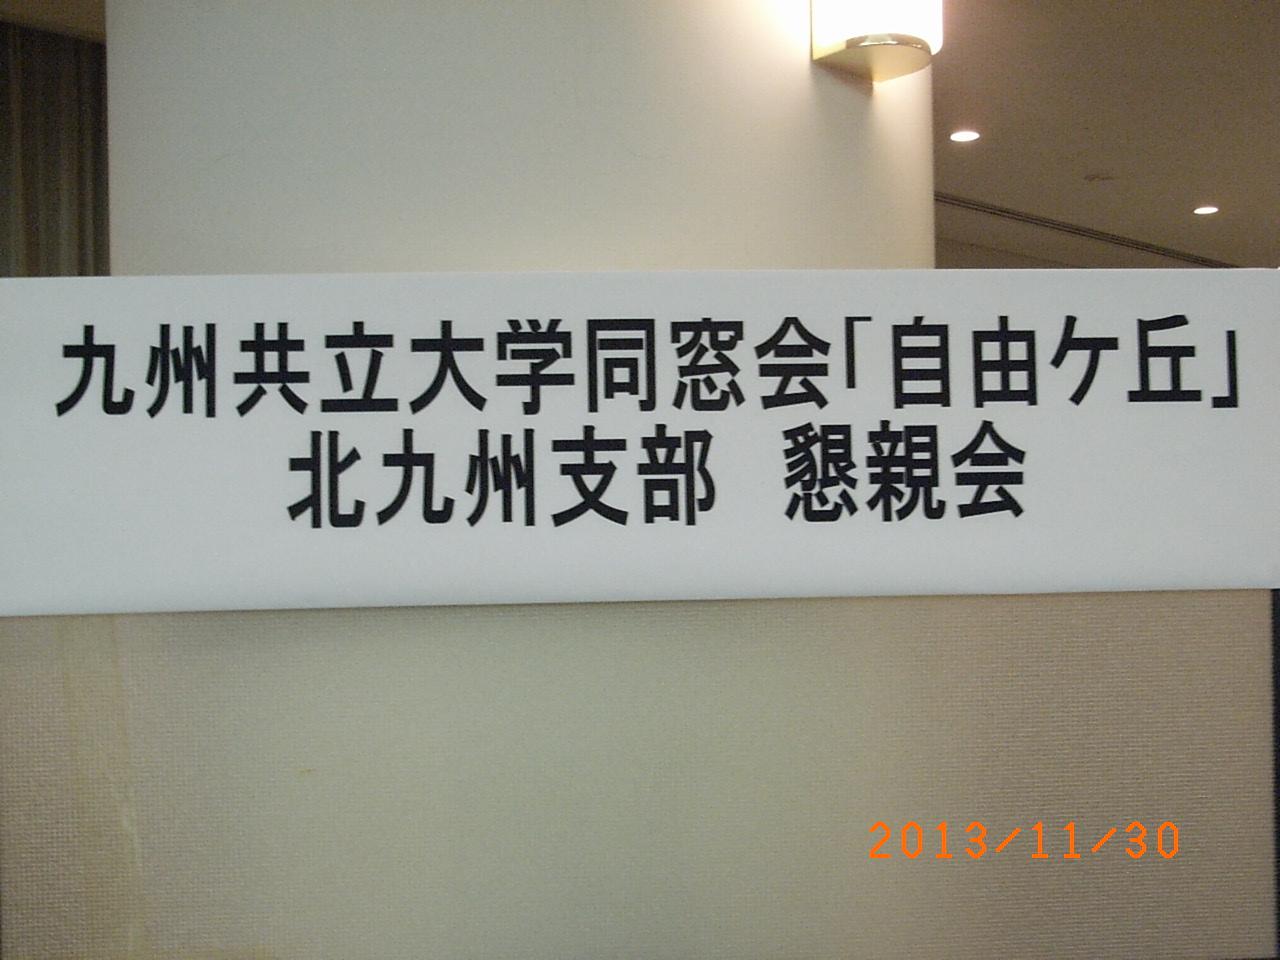 平成25年11月30日(土)北九州支部総会・懇親会_f0184133_15153549.jpg